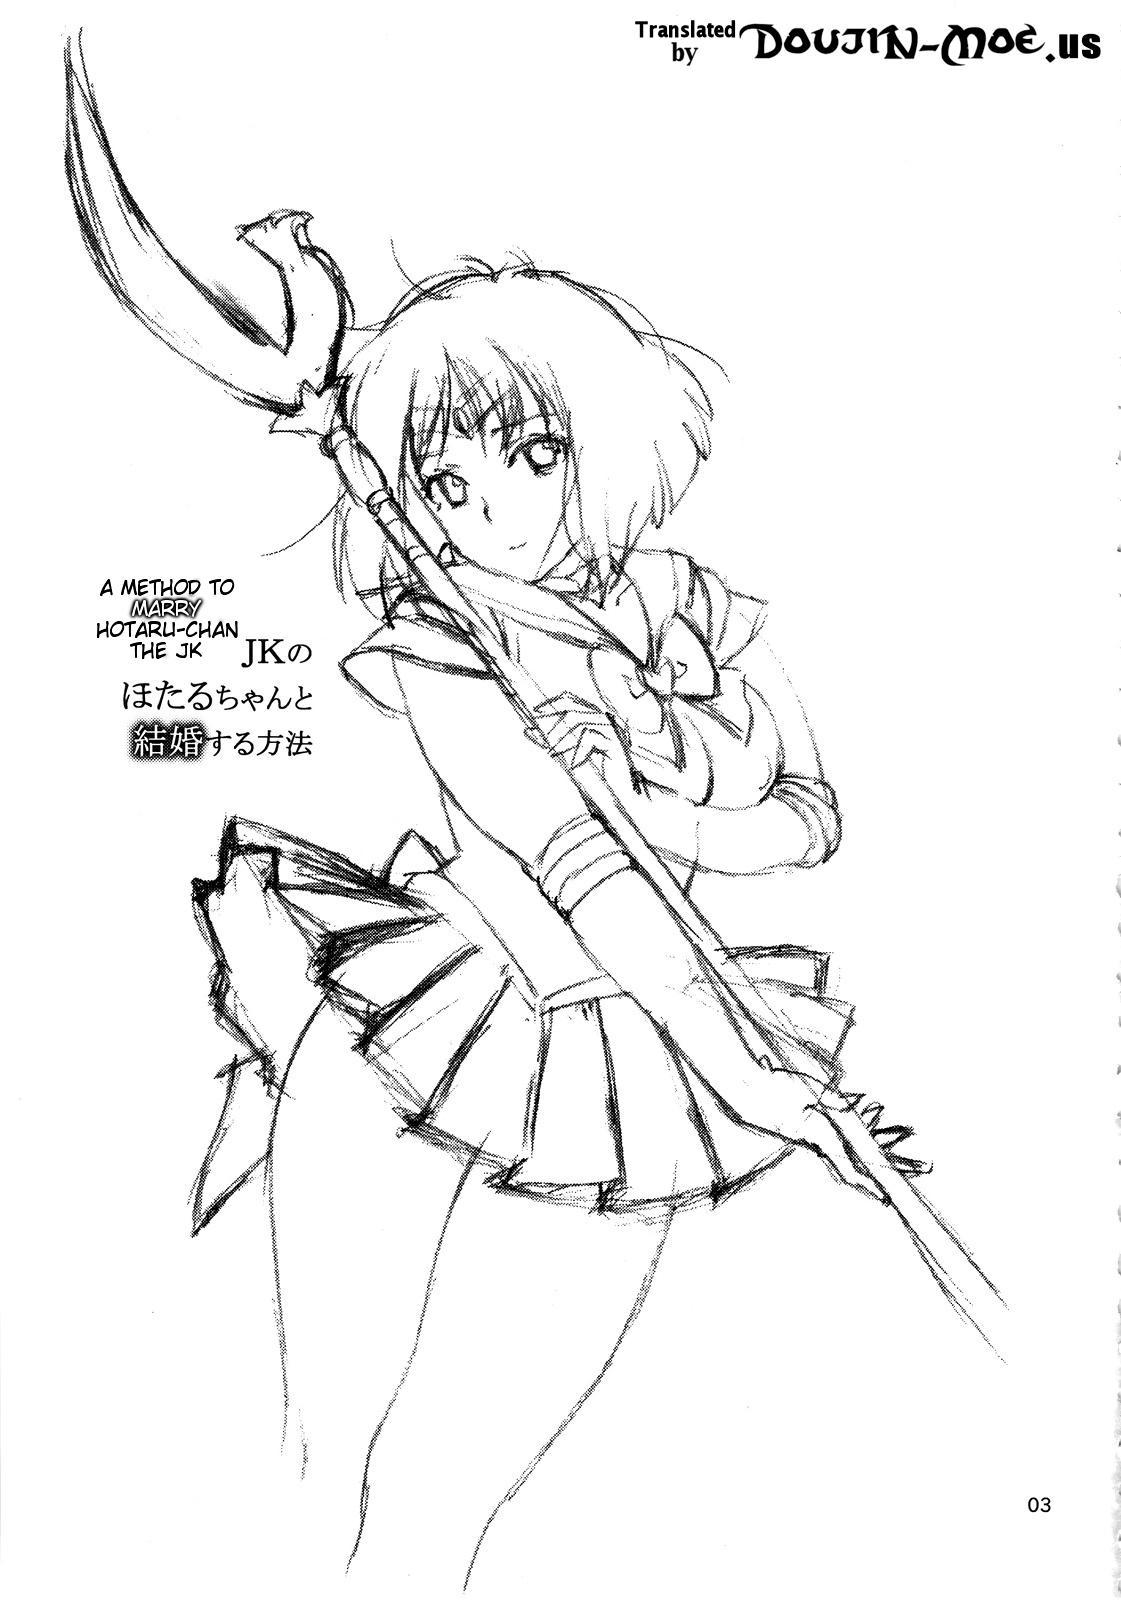 (C86) [666Protect (Jingrock)] JK no Hotaru-chan to Kekkon suru Houhou | A Method to Marry Hotaru-chan the JK (Bishoujo Senshi Sailor Moon) [English] {doujin-moe.us} 1